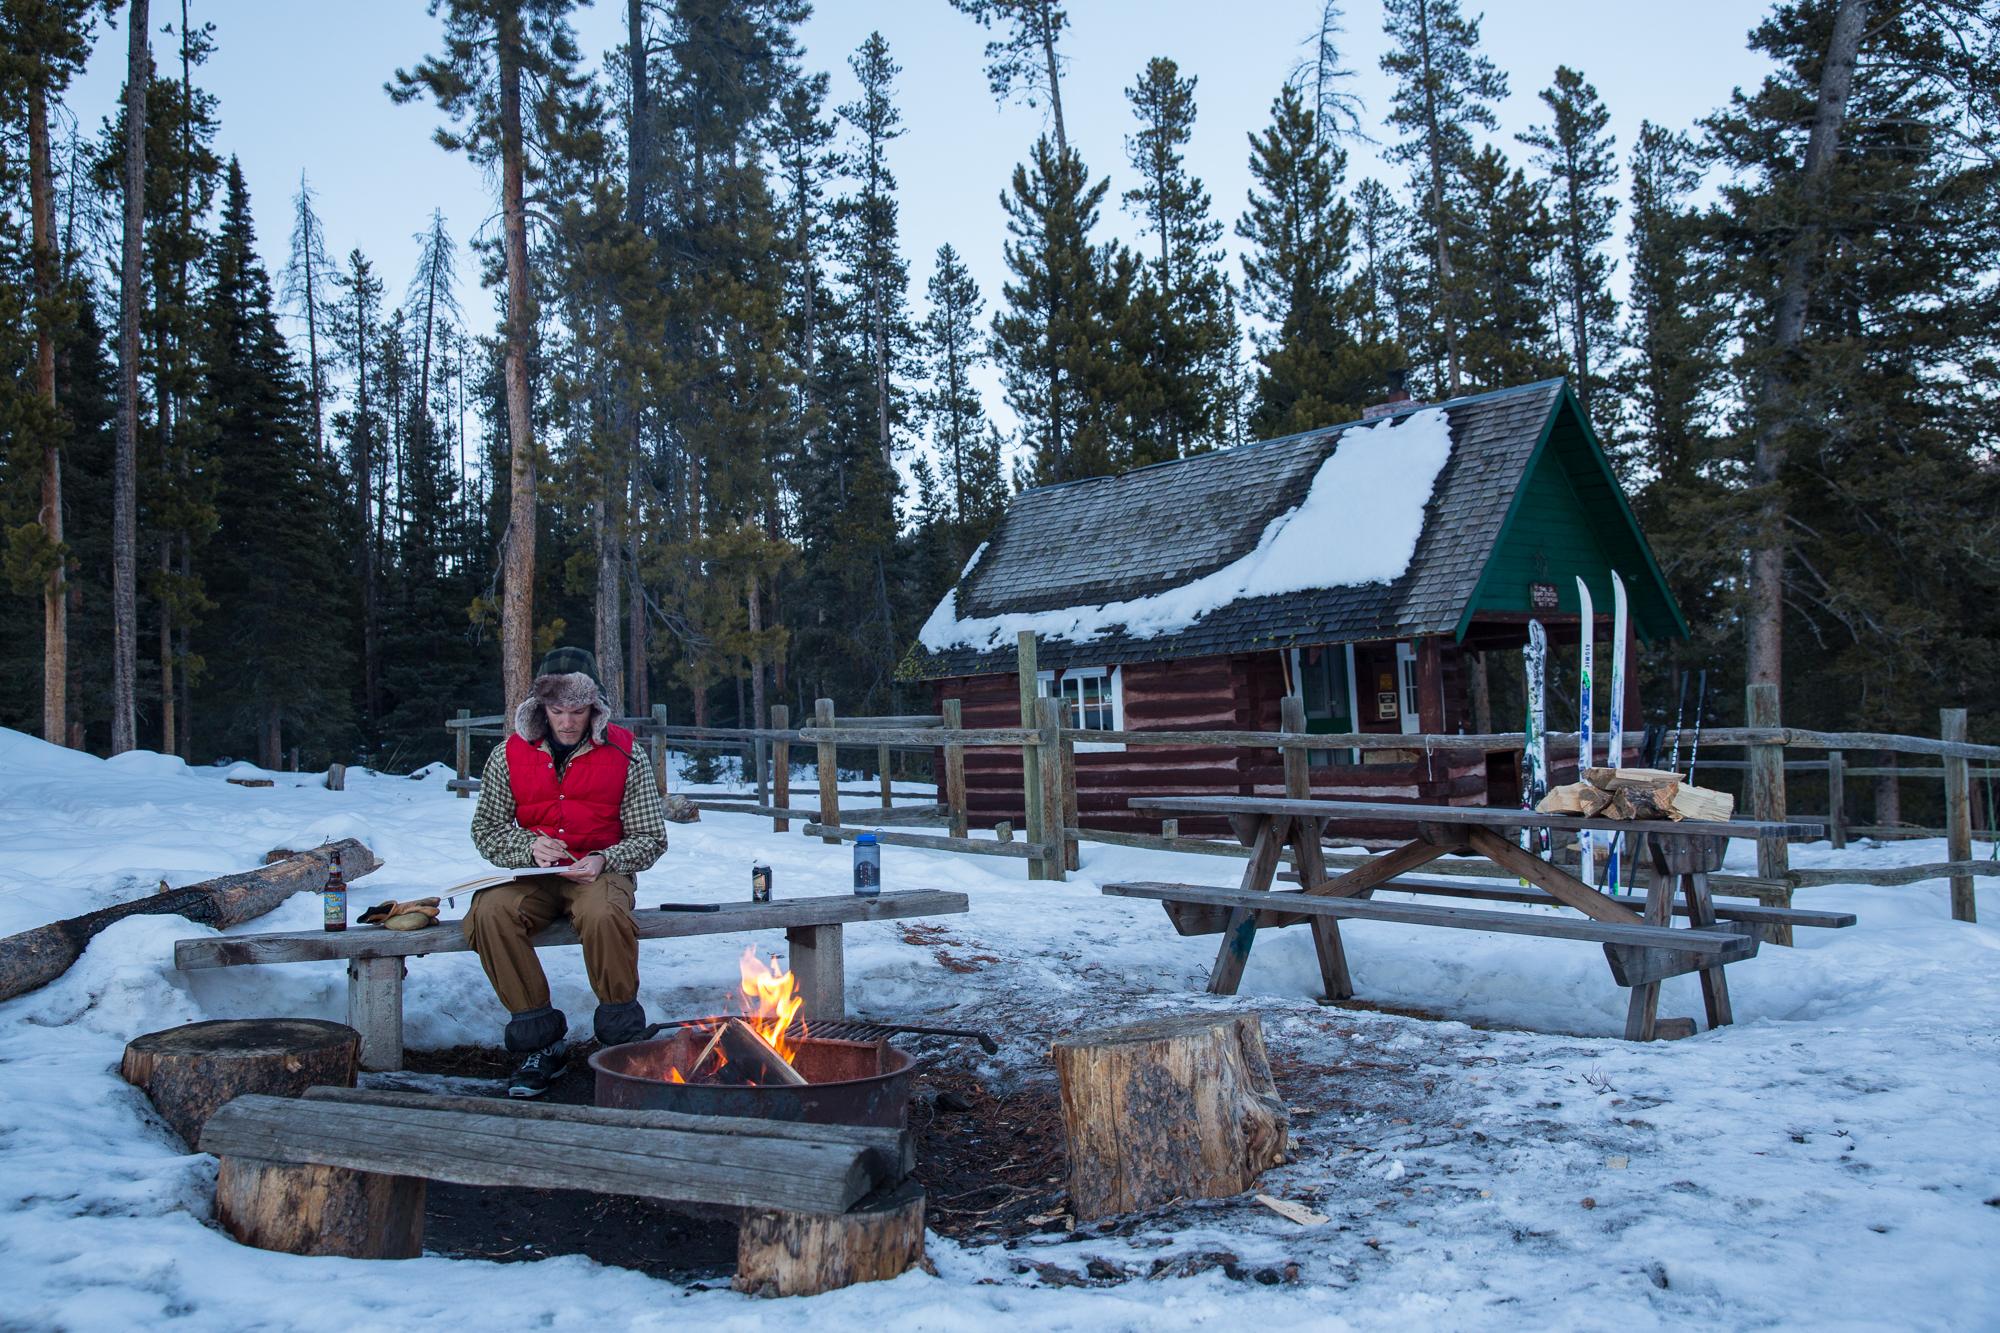 Trail Creek Forest Service Cabin, Gallatin Range, Montana.